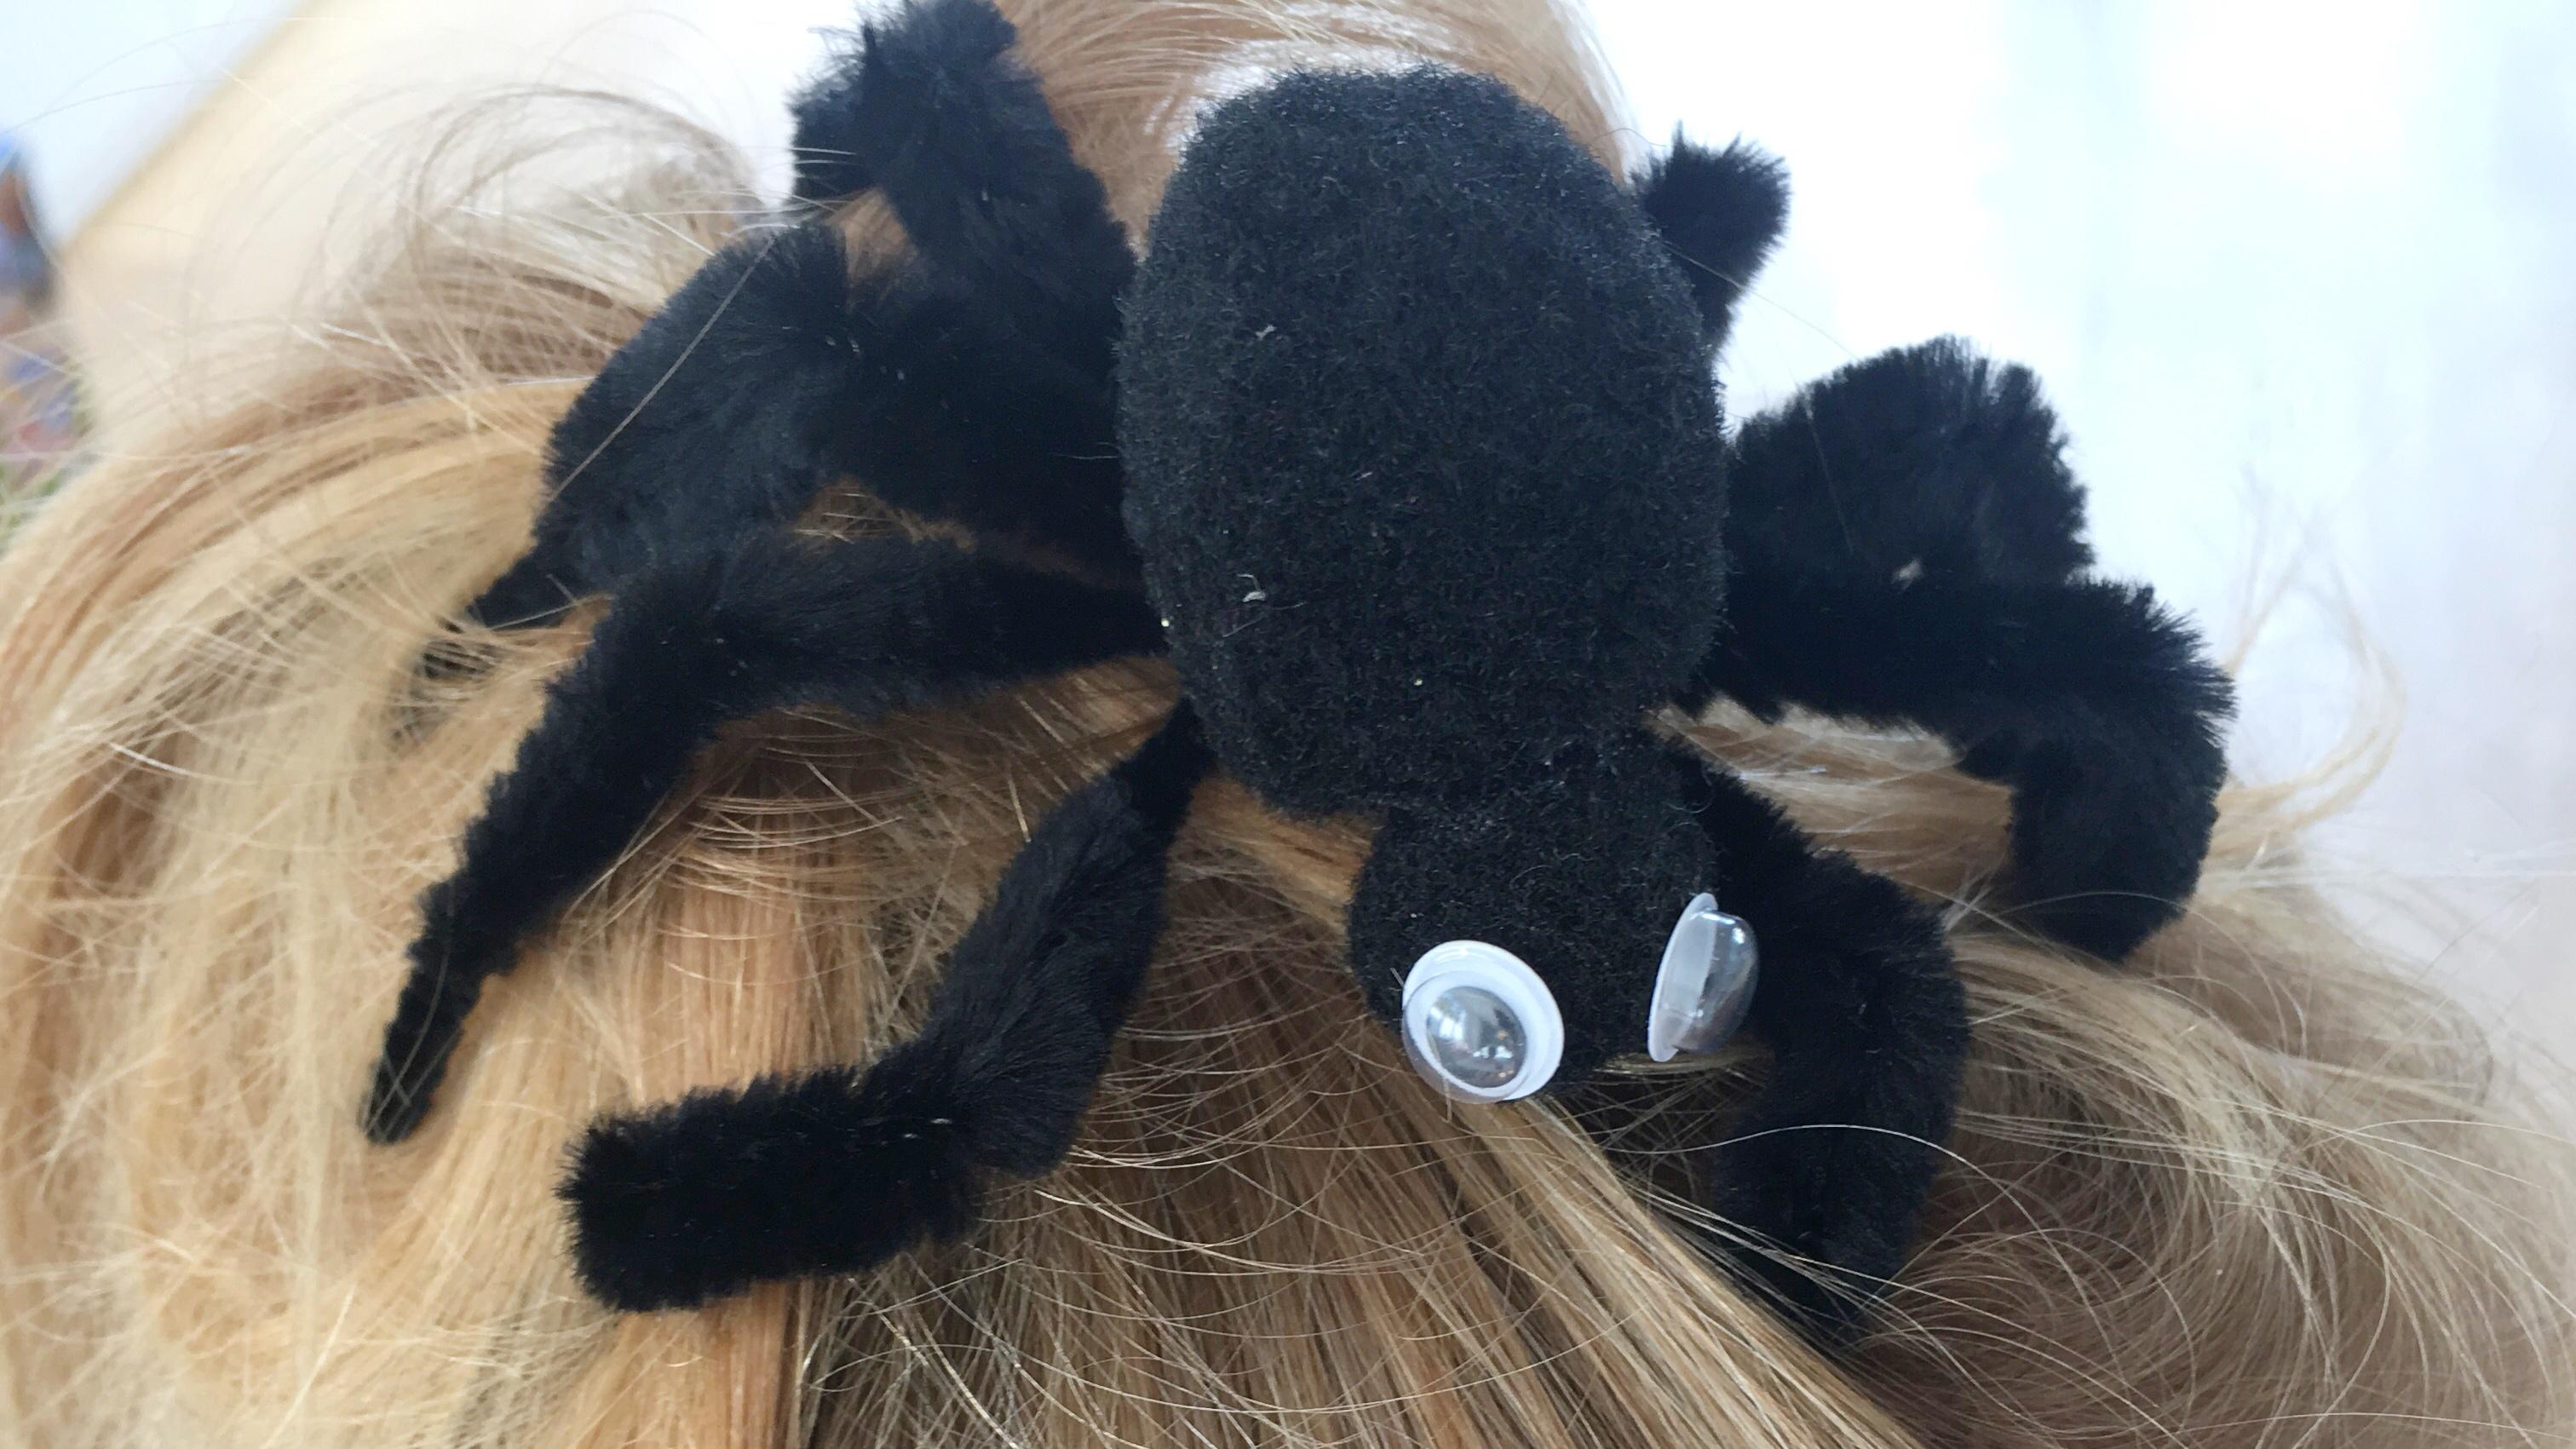 Deko-Spinne auf dem Kopf